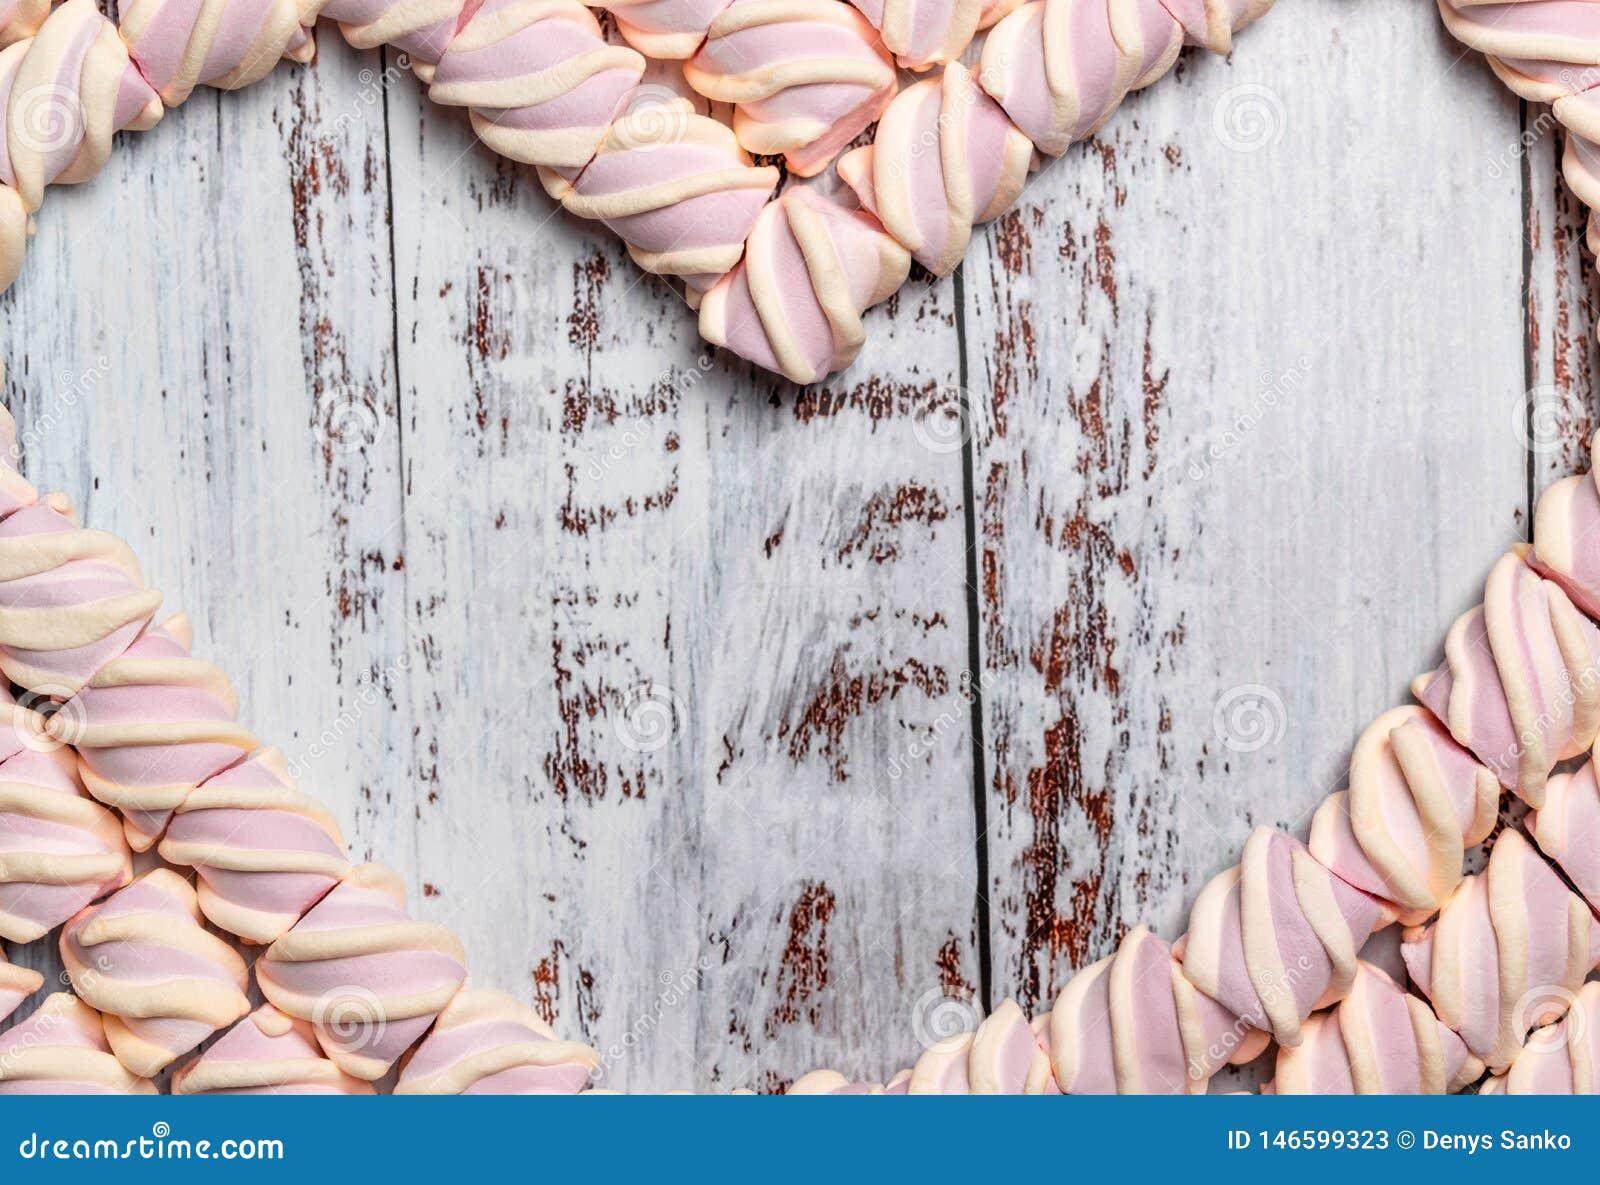 Πλαίσιο με μορφή μιας καρδιάς από marshmallow σε ένα ελαφρύ ξύλινο υπόβαθρο r